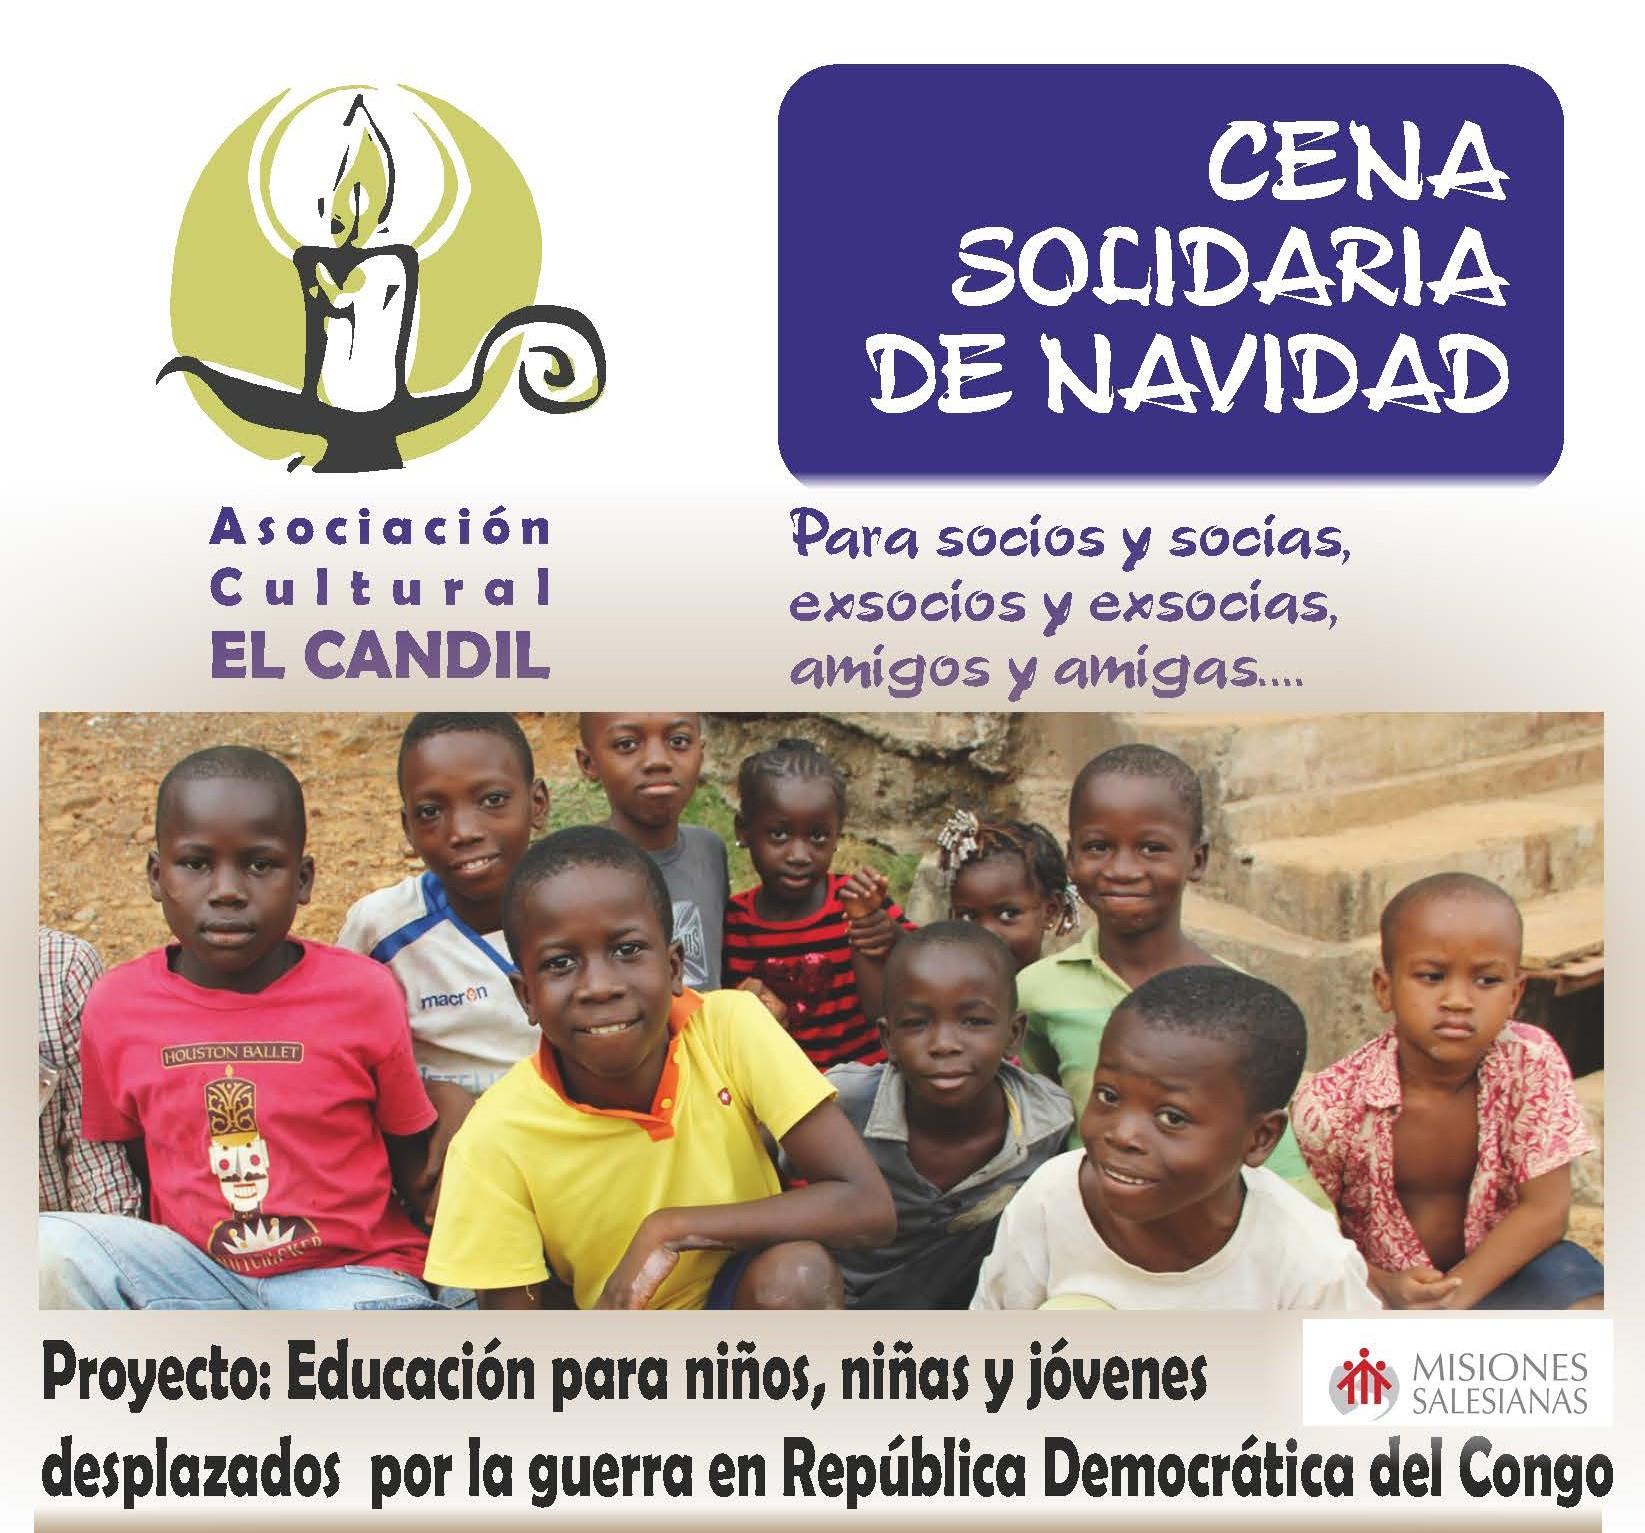 Cena Solidaria De A.C. El Candil